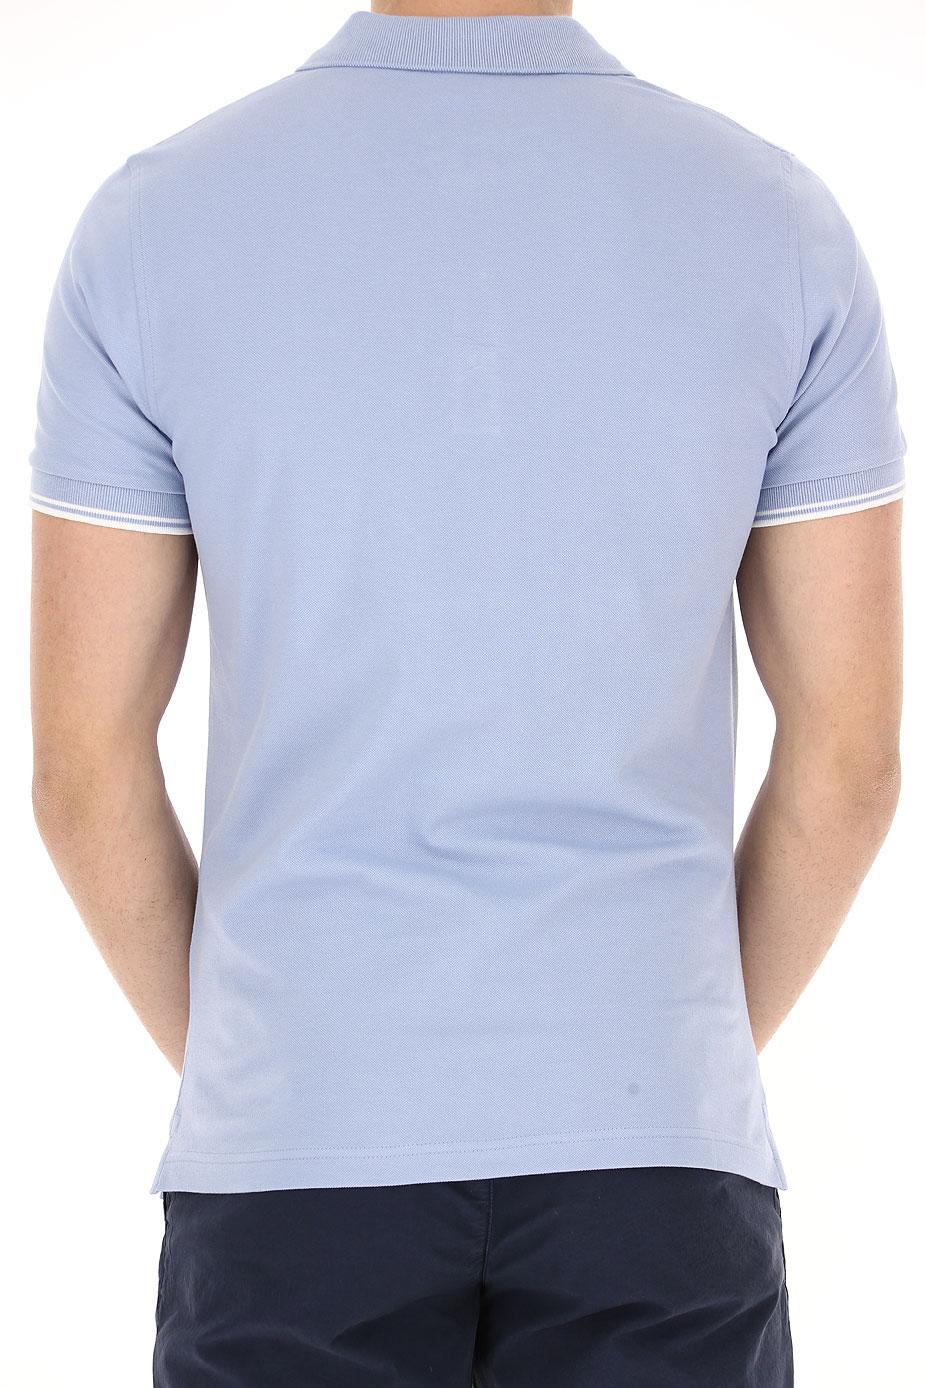 Abbigliamento Uomo Fay, Codice Articolo: npmb236134sit0u012--